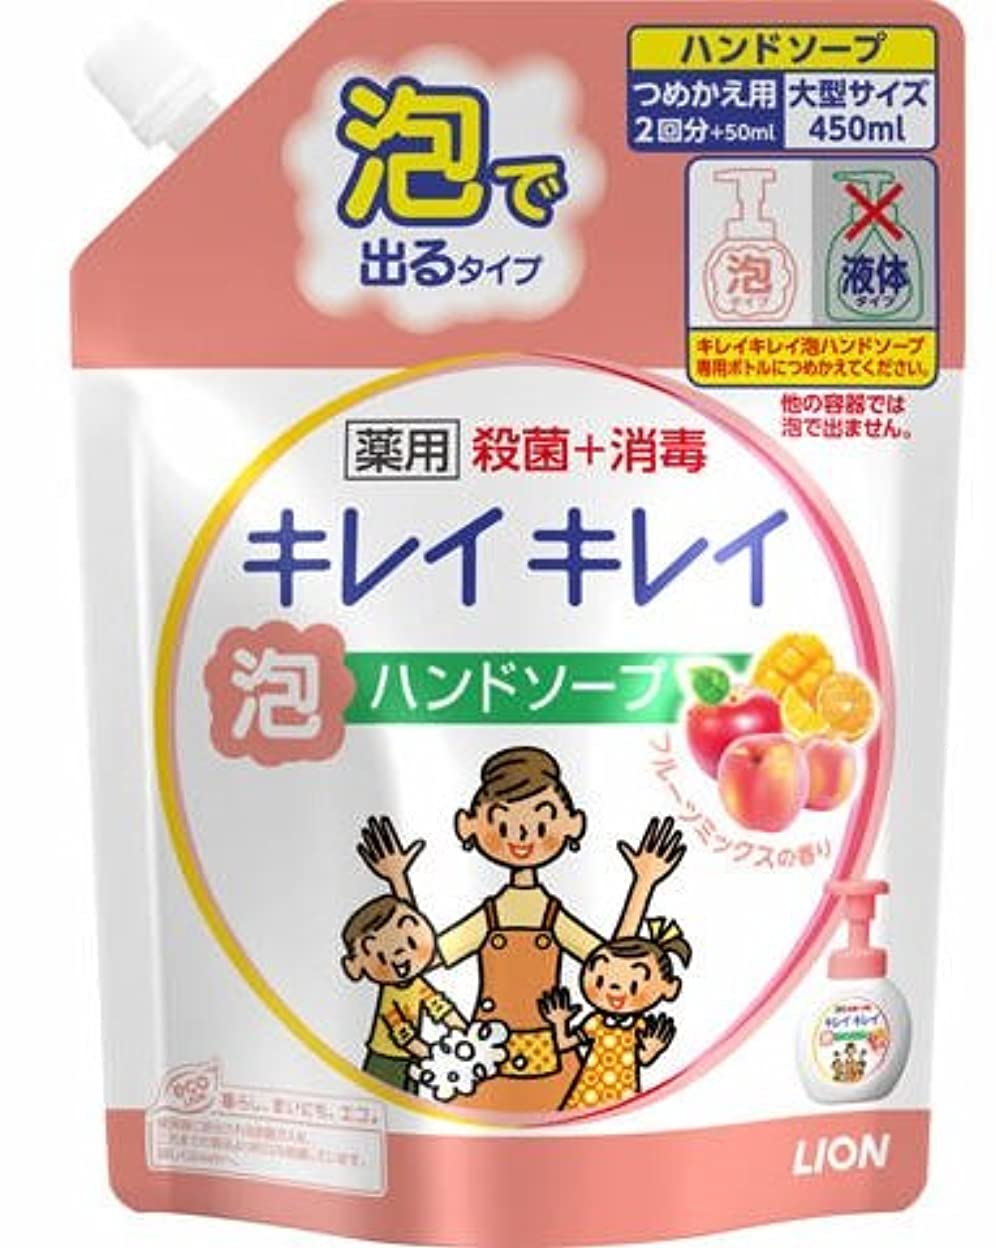 眩惑する依存どこかキレイキレイ薬用泡HSフルーツミックス つめかえ用大型サイズ × 16個セット